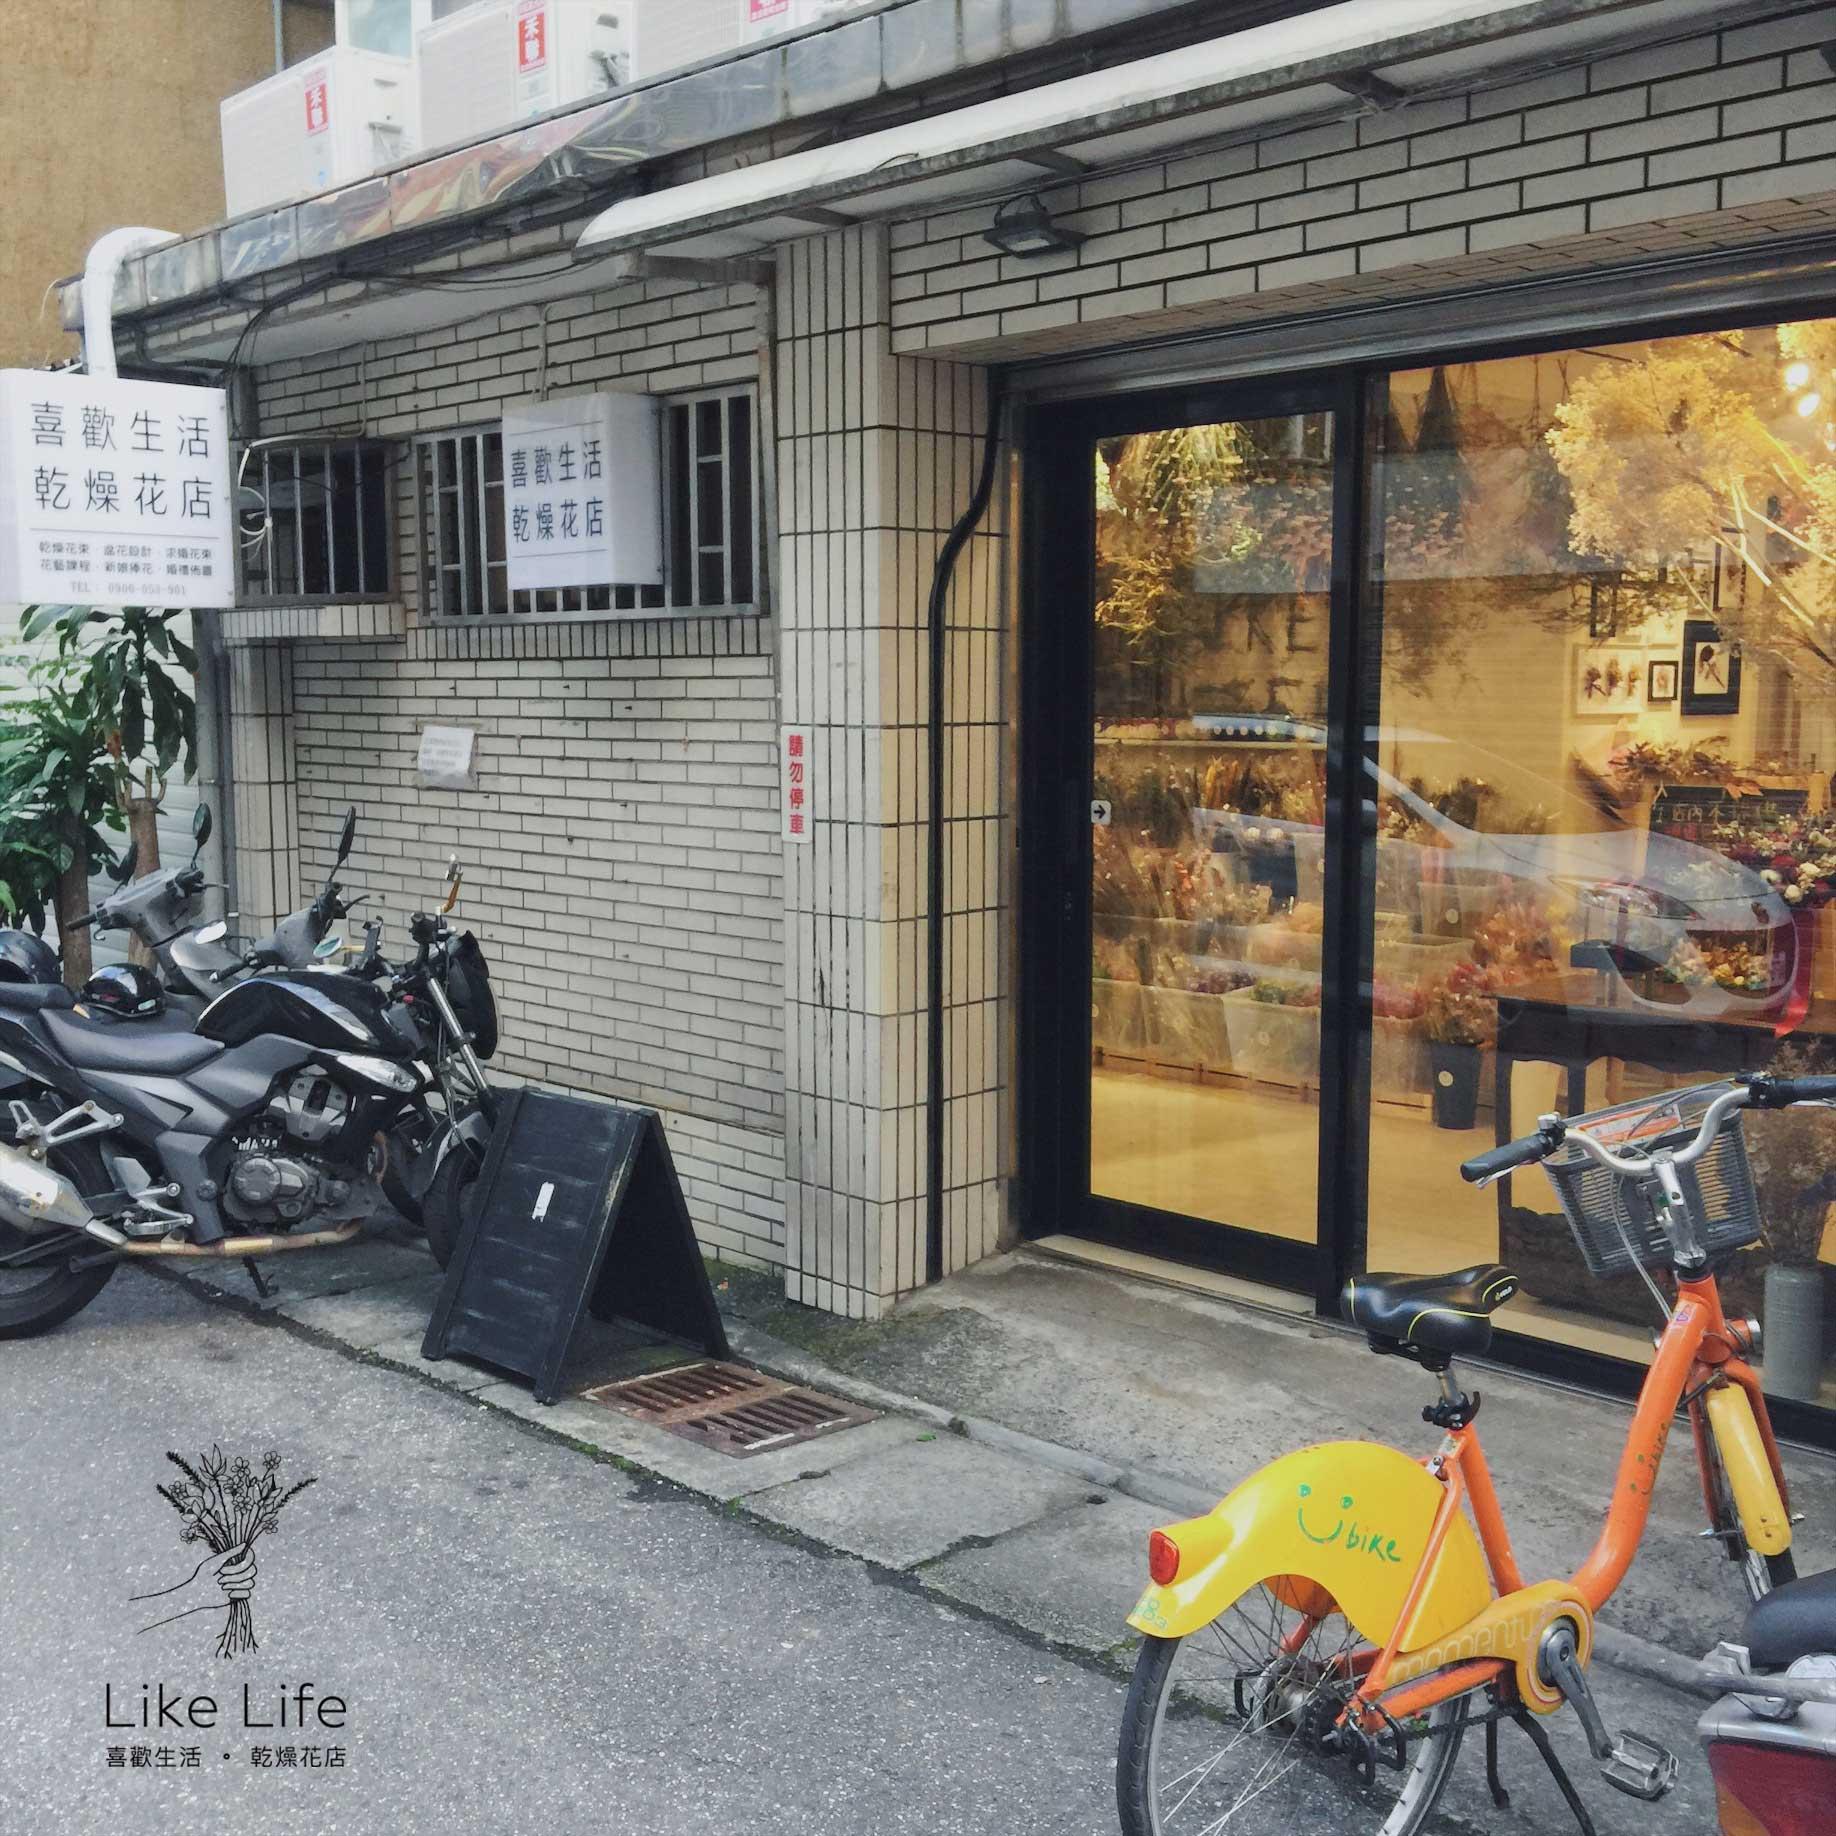 台北乾燥花店,喜歡生活乾燥花店,台北乾燥花哪裡買